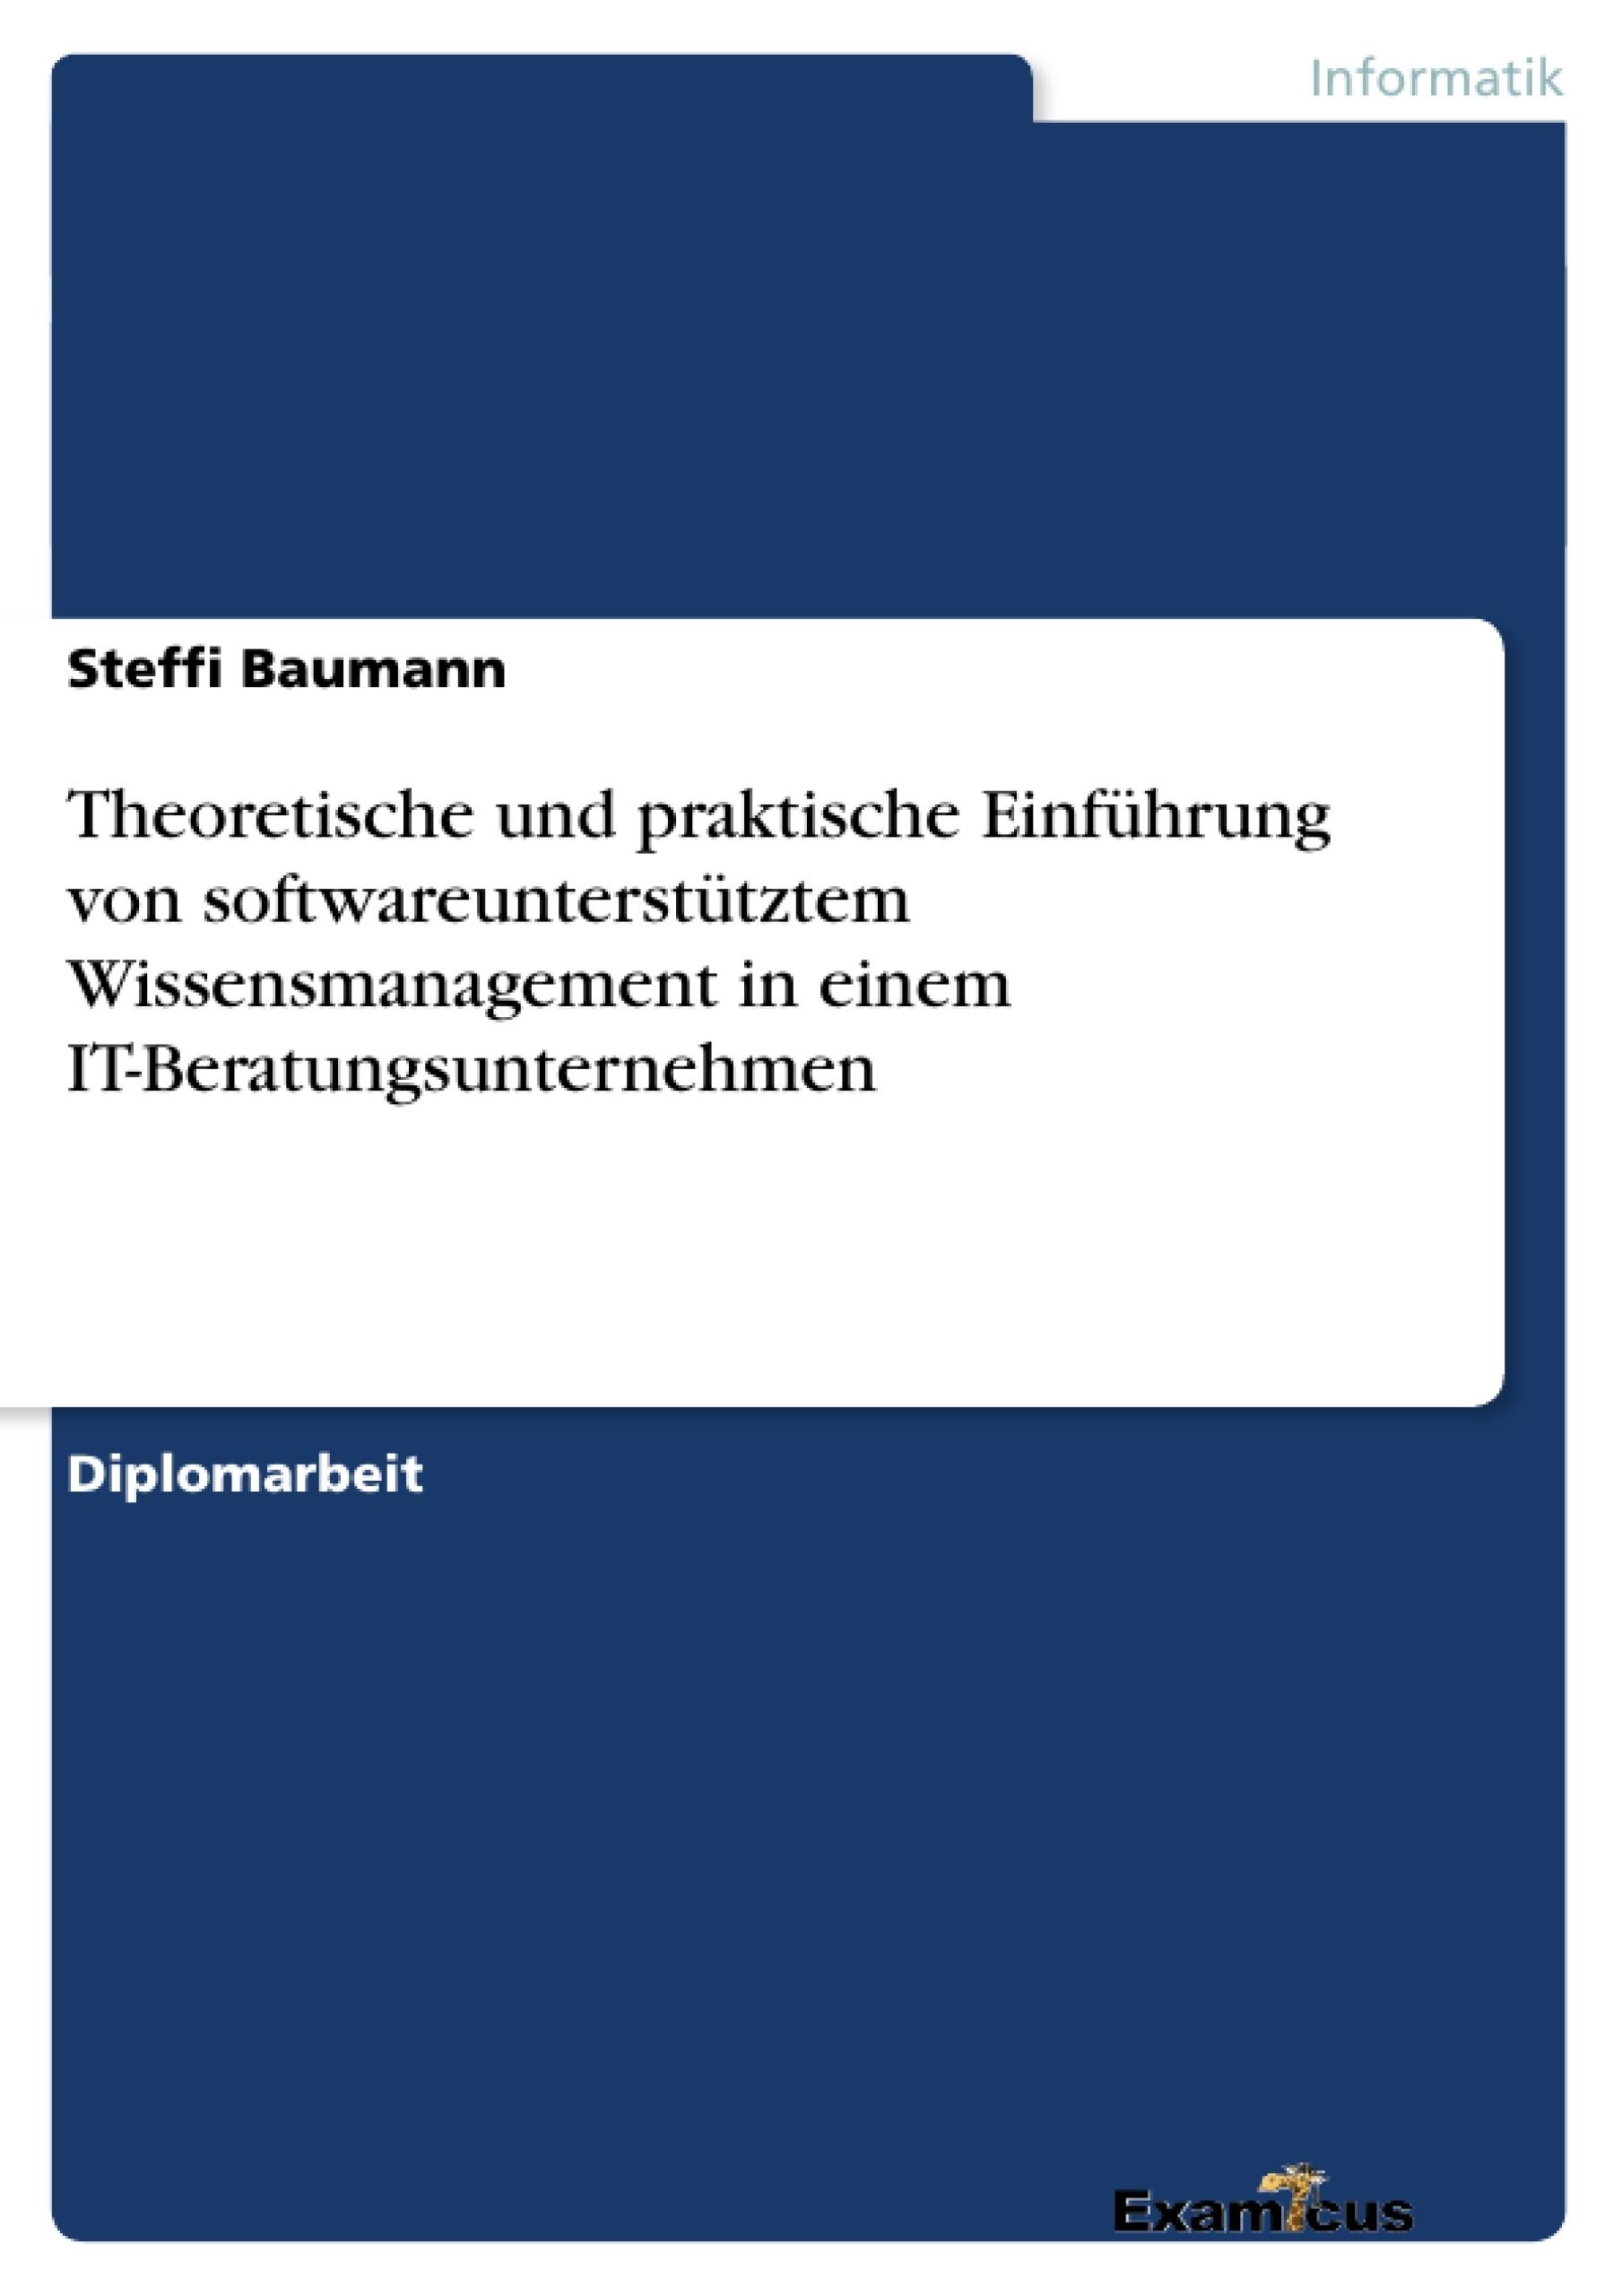 Titel: Theoretische und praktische Einführung von softwareunterstütztem Wissensmanagement in einem IT-Beratungsunternehmen